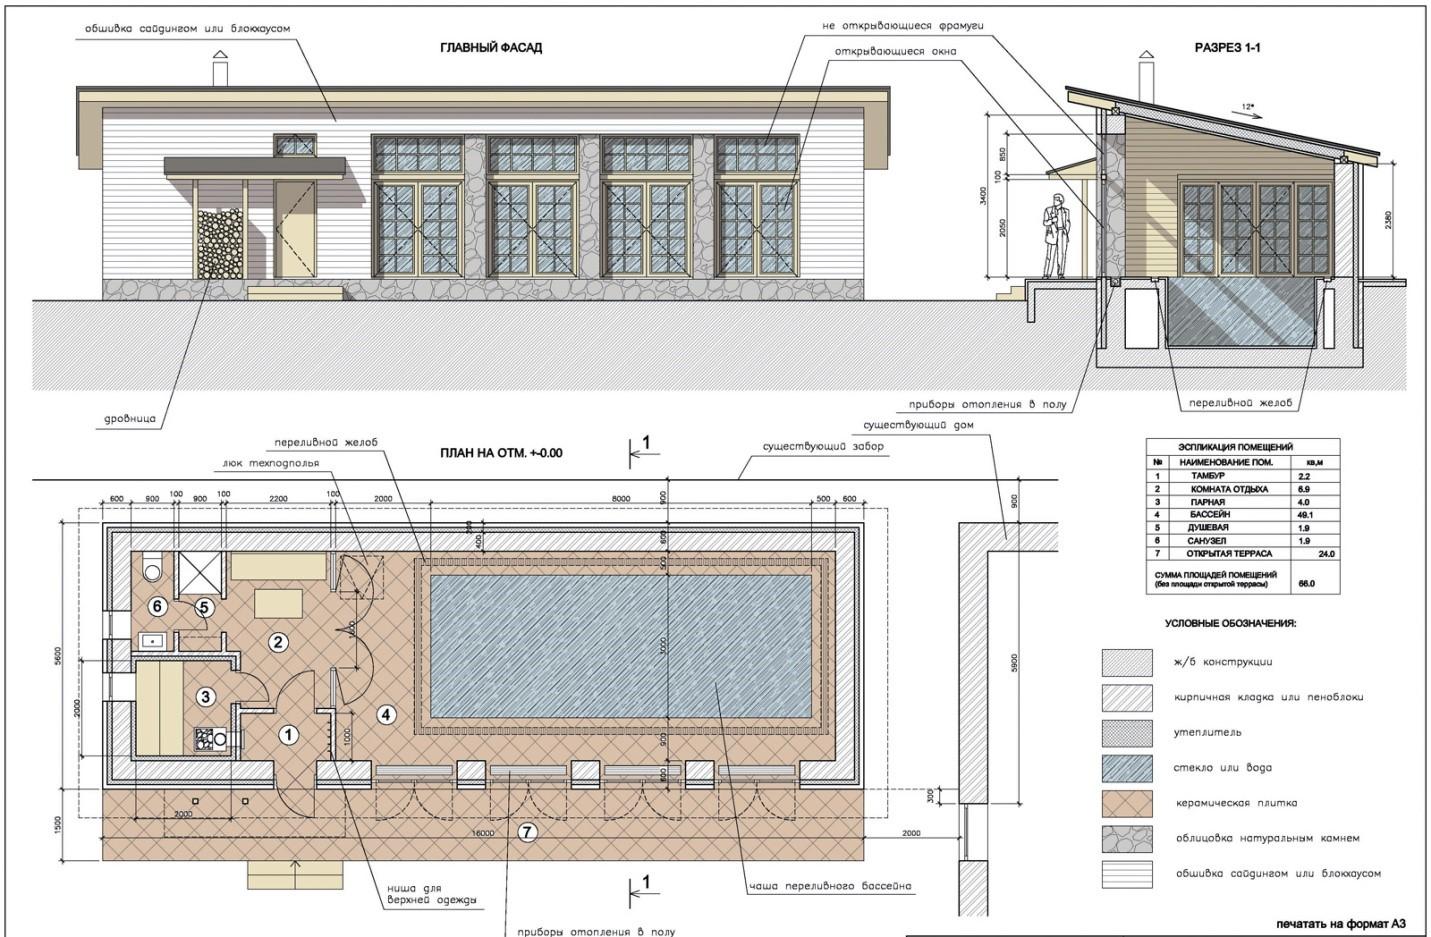 Разработка индивидуального проекта защитного покрытия для бассейна